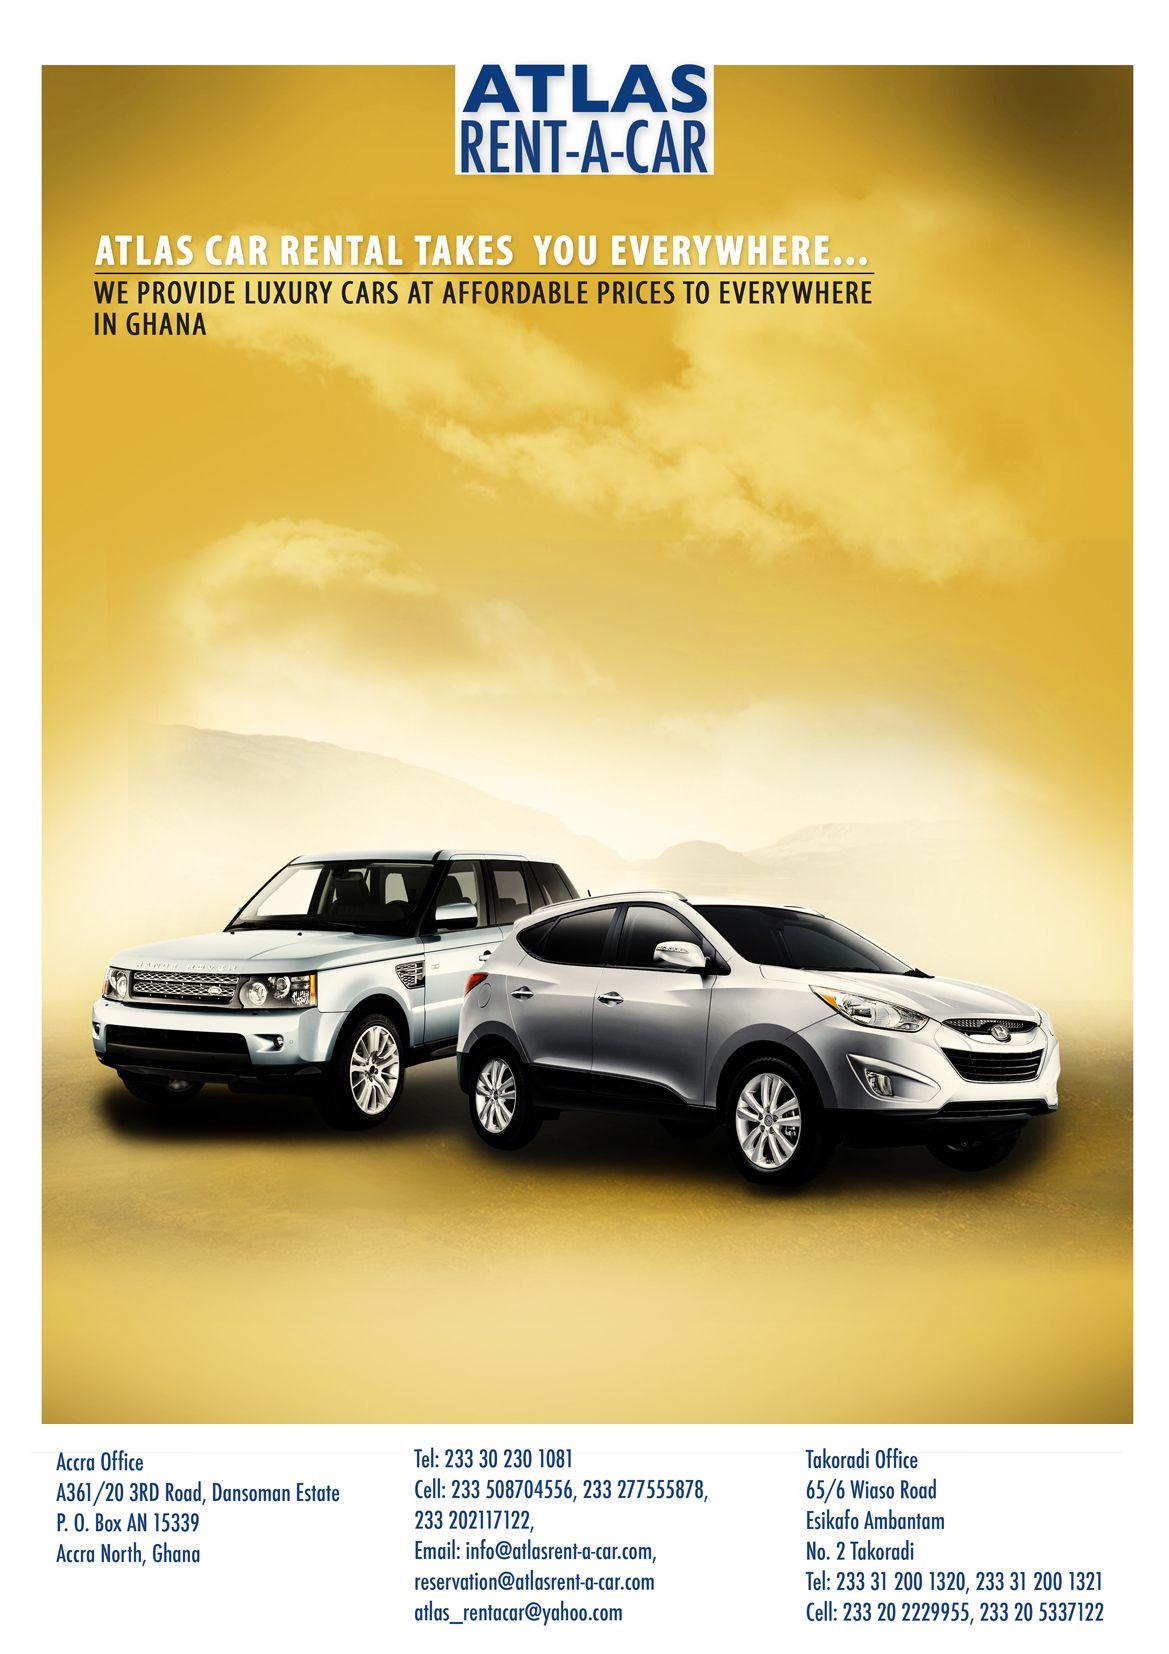 Atlas Rent A Car Poster Rent a car, Car rental, Digital